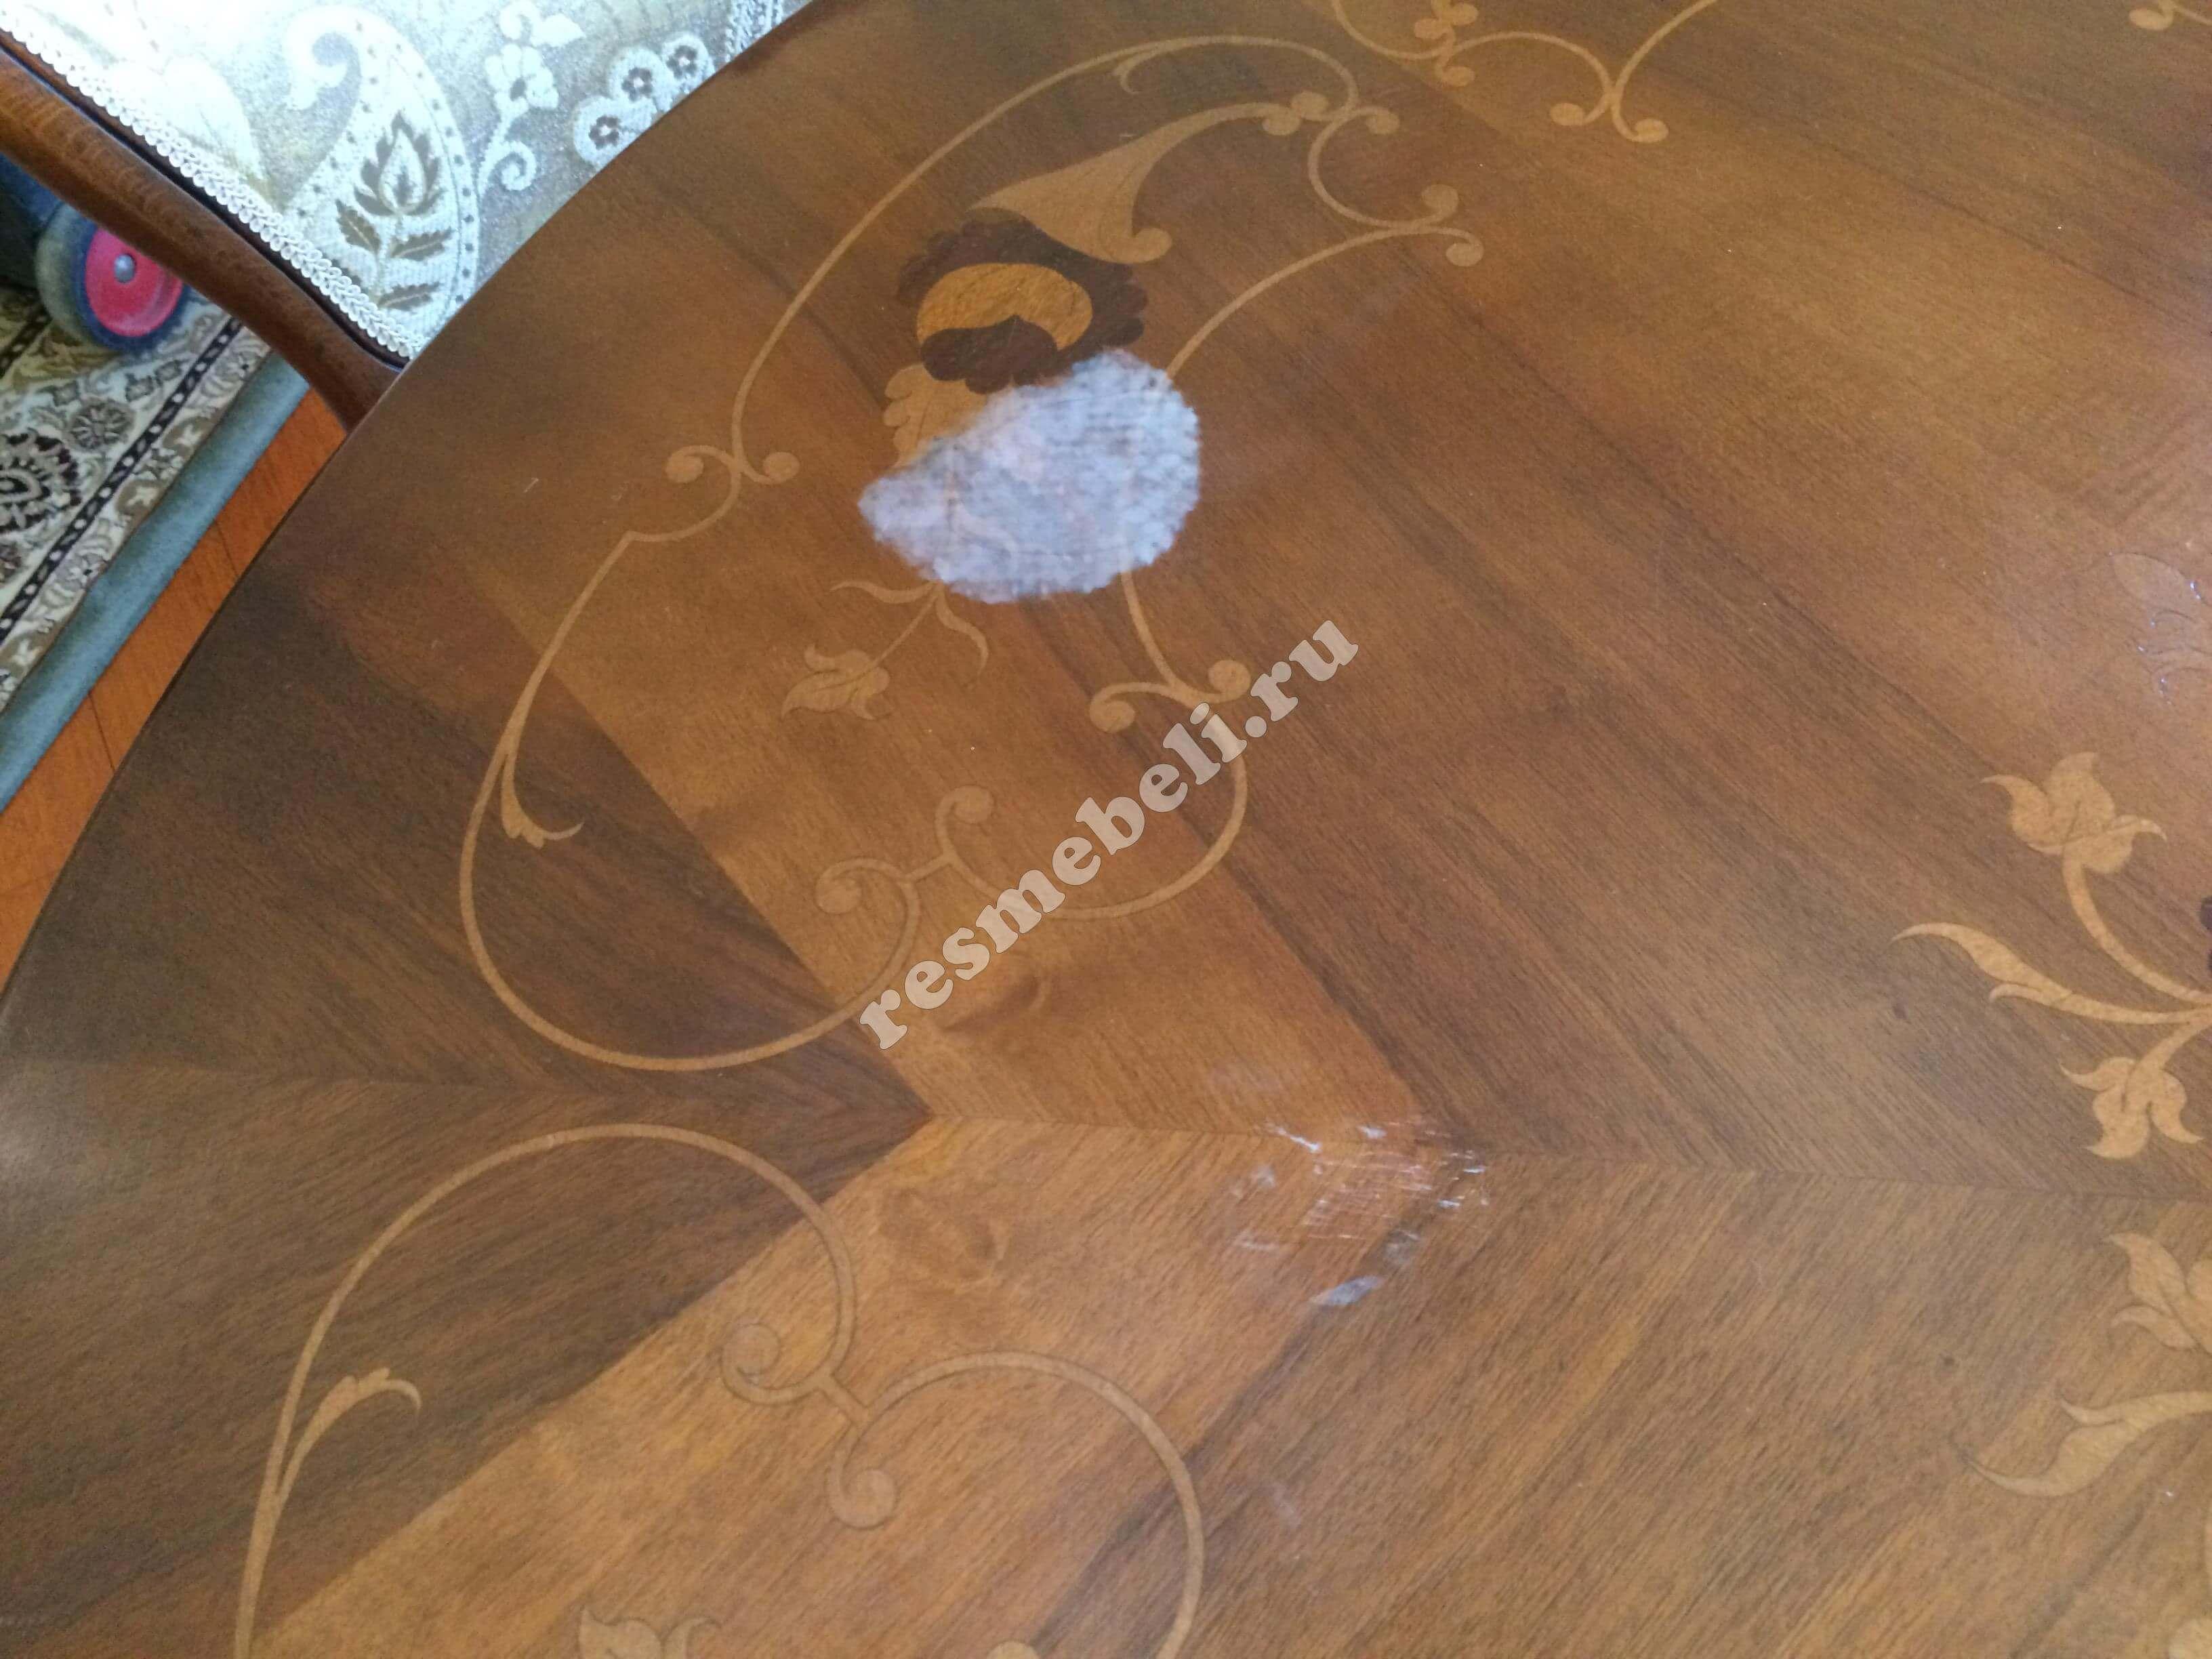 Как удалить пятно от горячего на столе фото